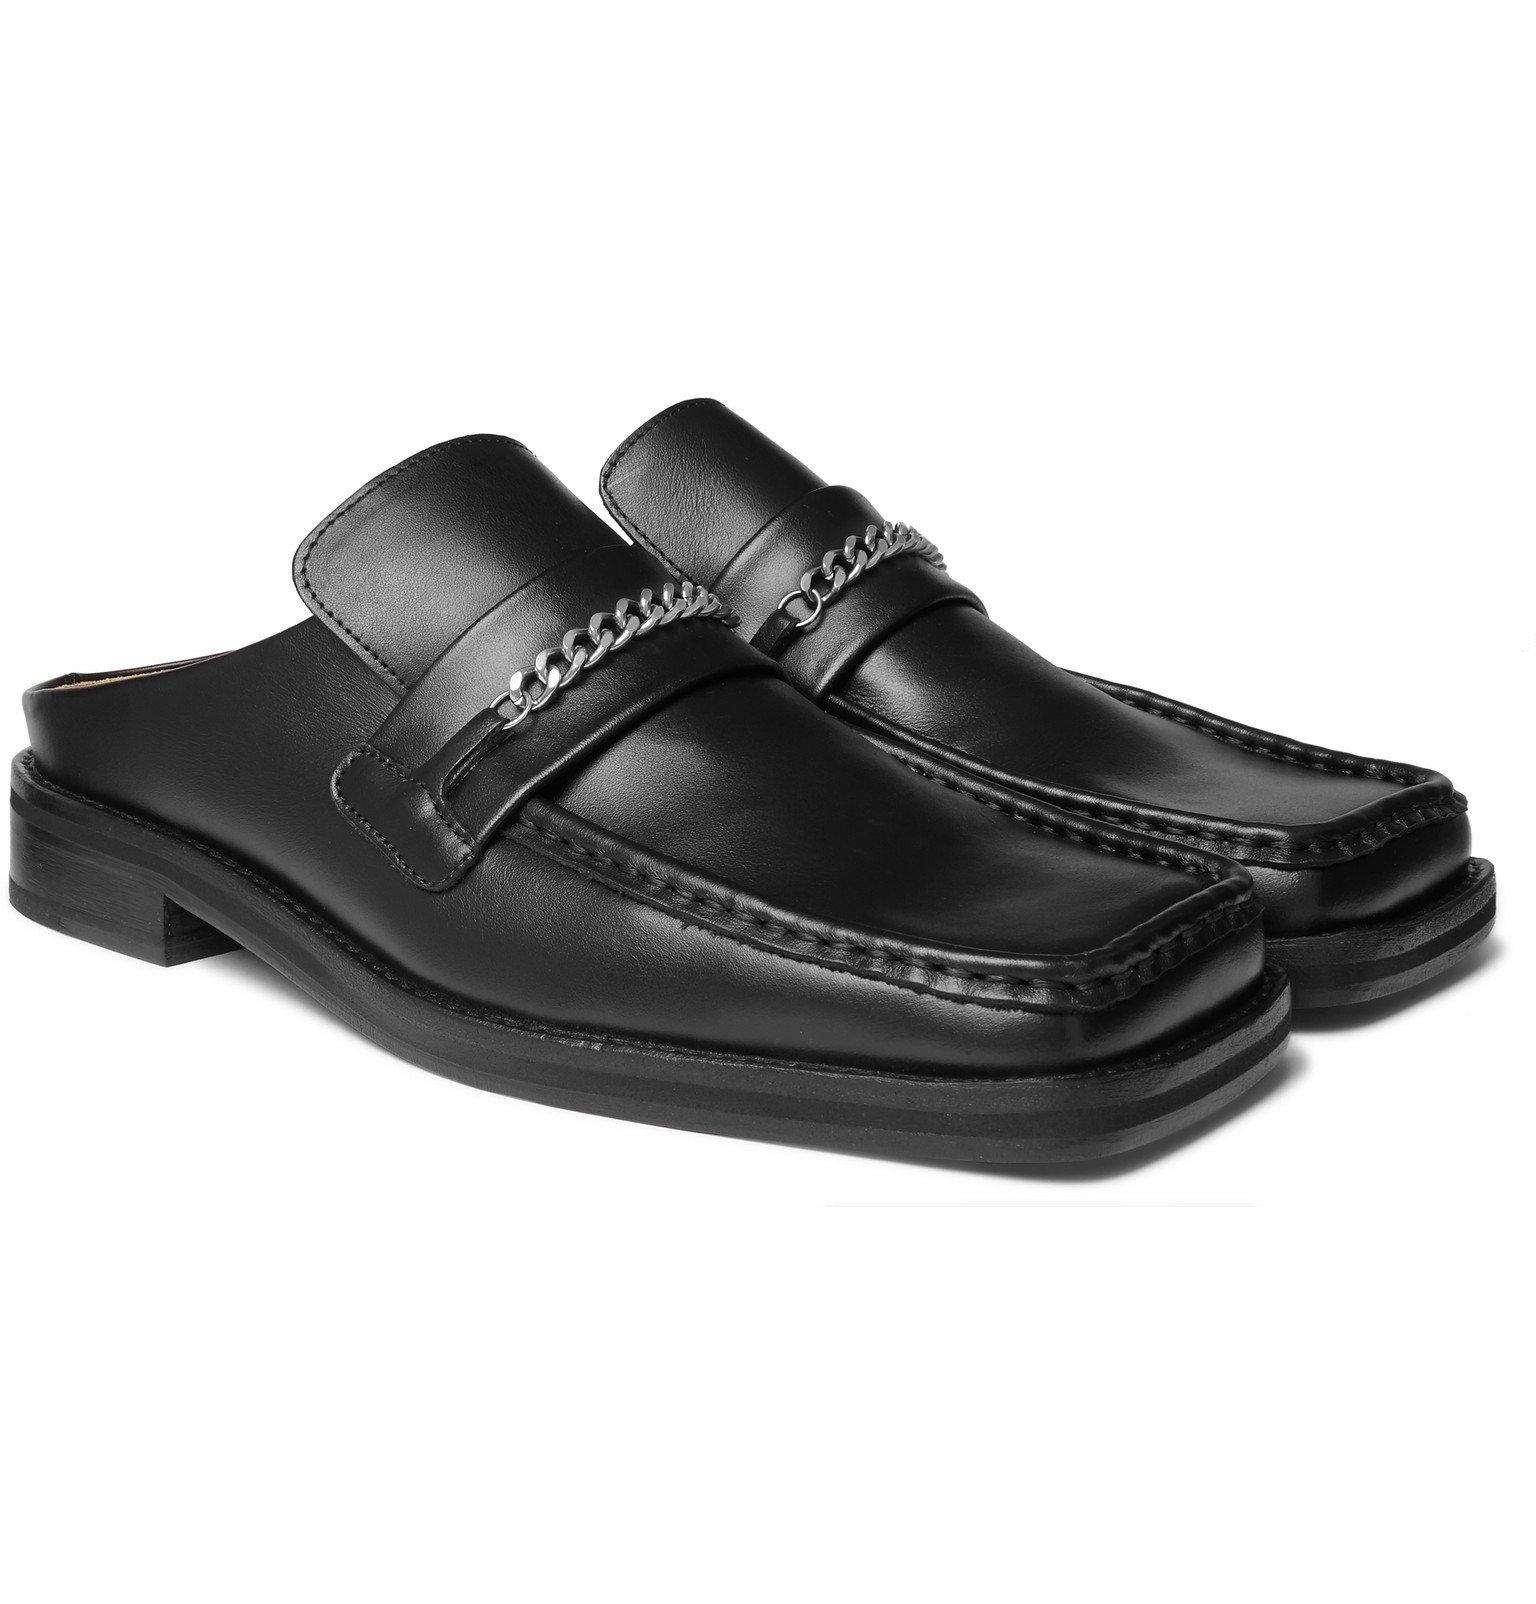 Martine Rose - Embellished Leather Backless Loafers - Black